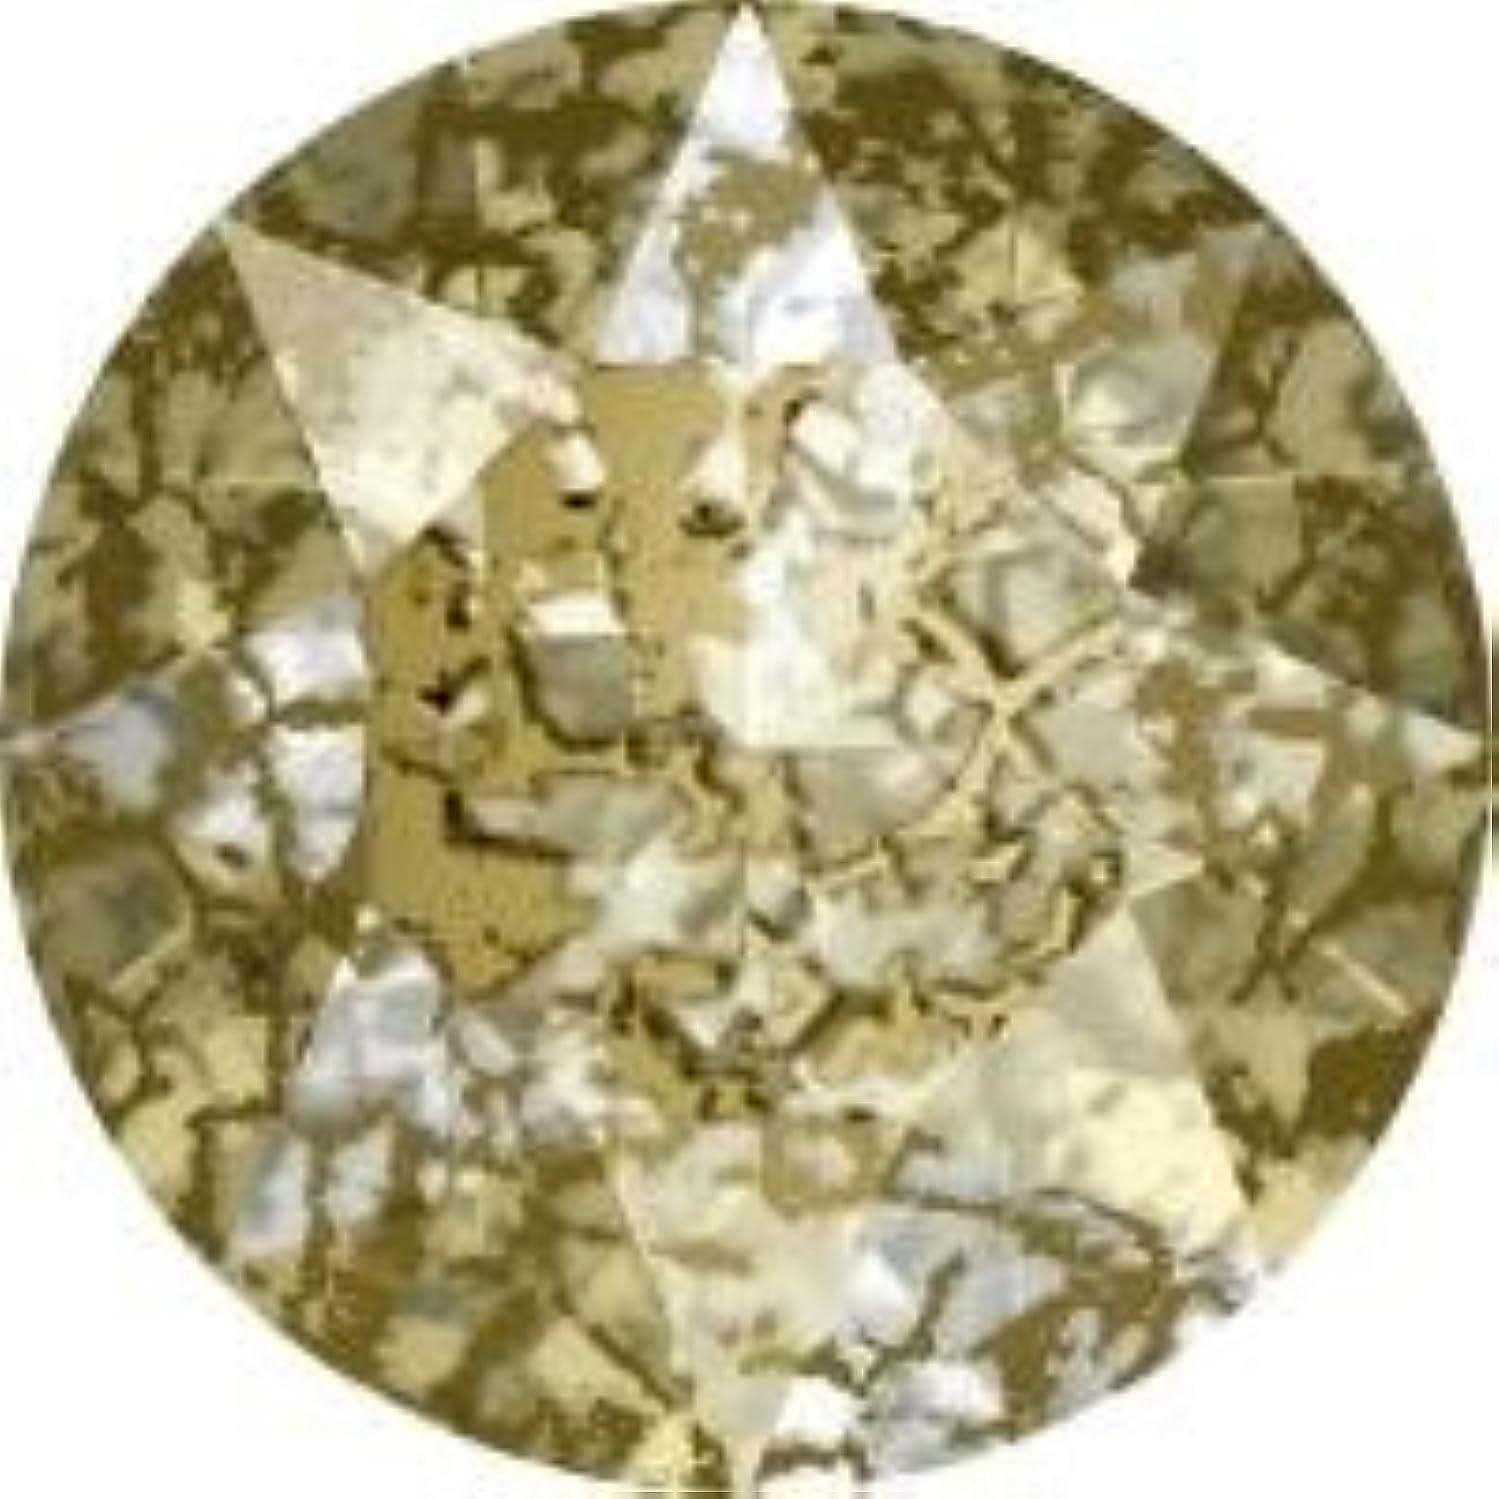 バック提供された乱暴なスワロフスキー Vカット(埋込型) #1088 ●パティナシリーズ● クリスタルゴールドパティナ ss24(約5.2mm) 4粒入